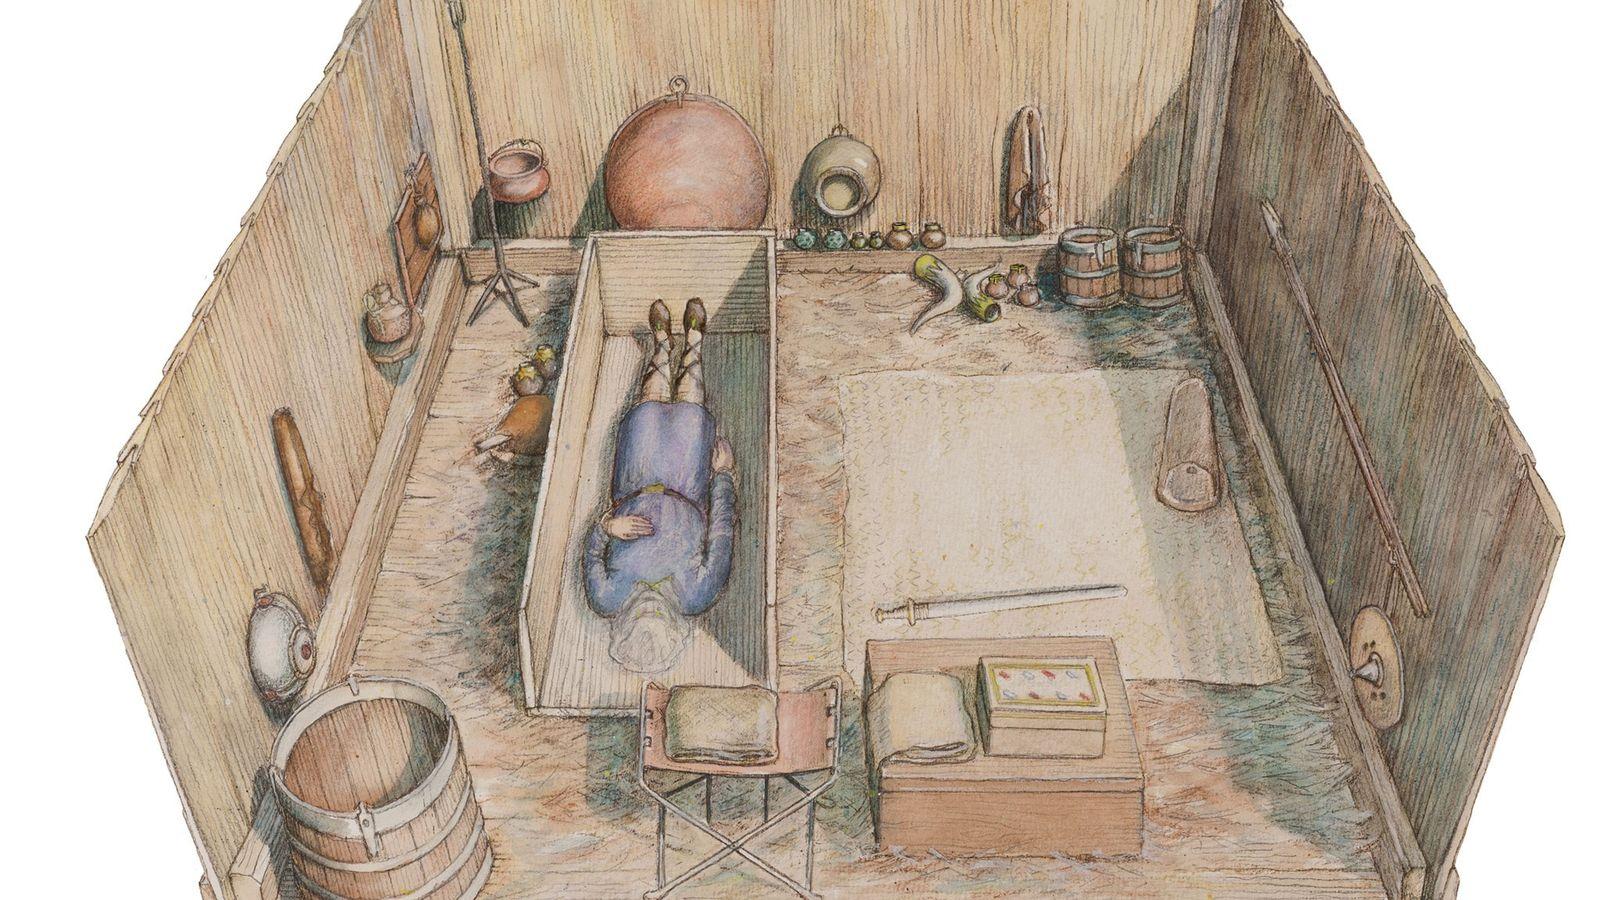 Dank mehr als einem Jahrzehnt sorgfältiger Forschung konnten Archäologen die Prittlewell-Grabkammer im Detail rekonstruieren.